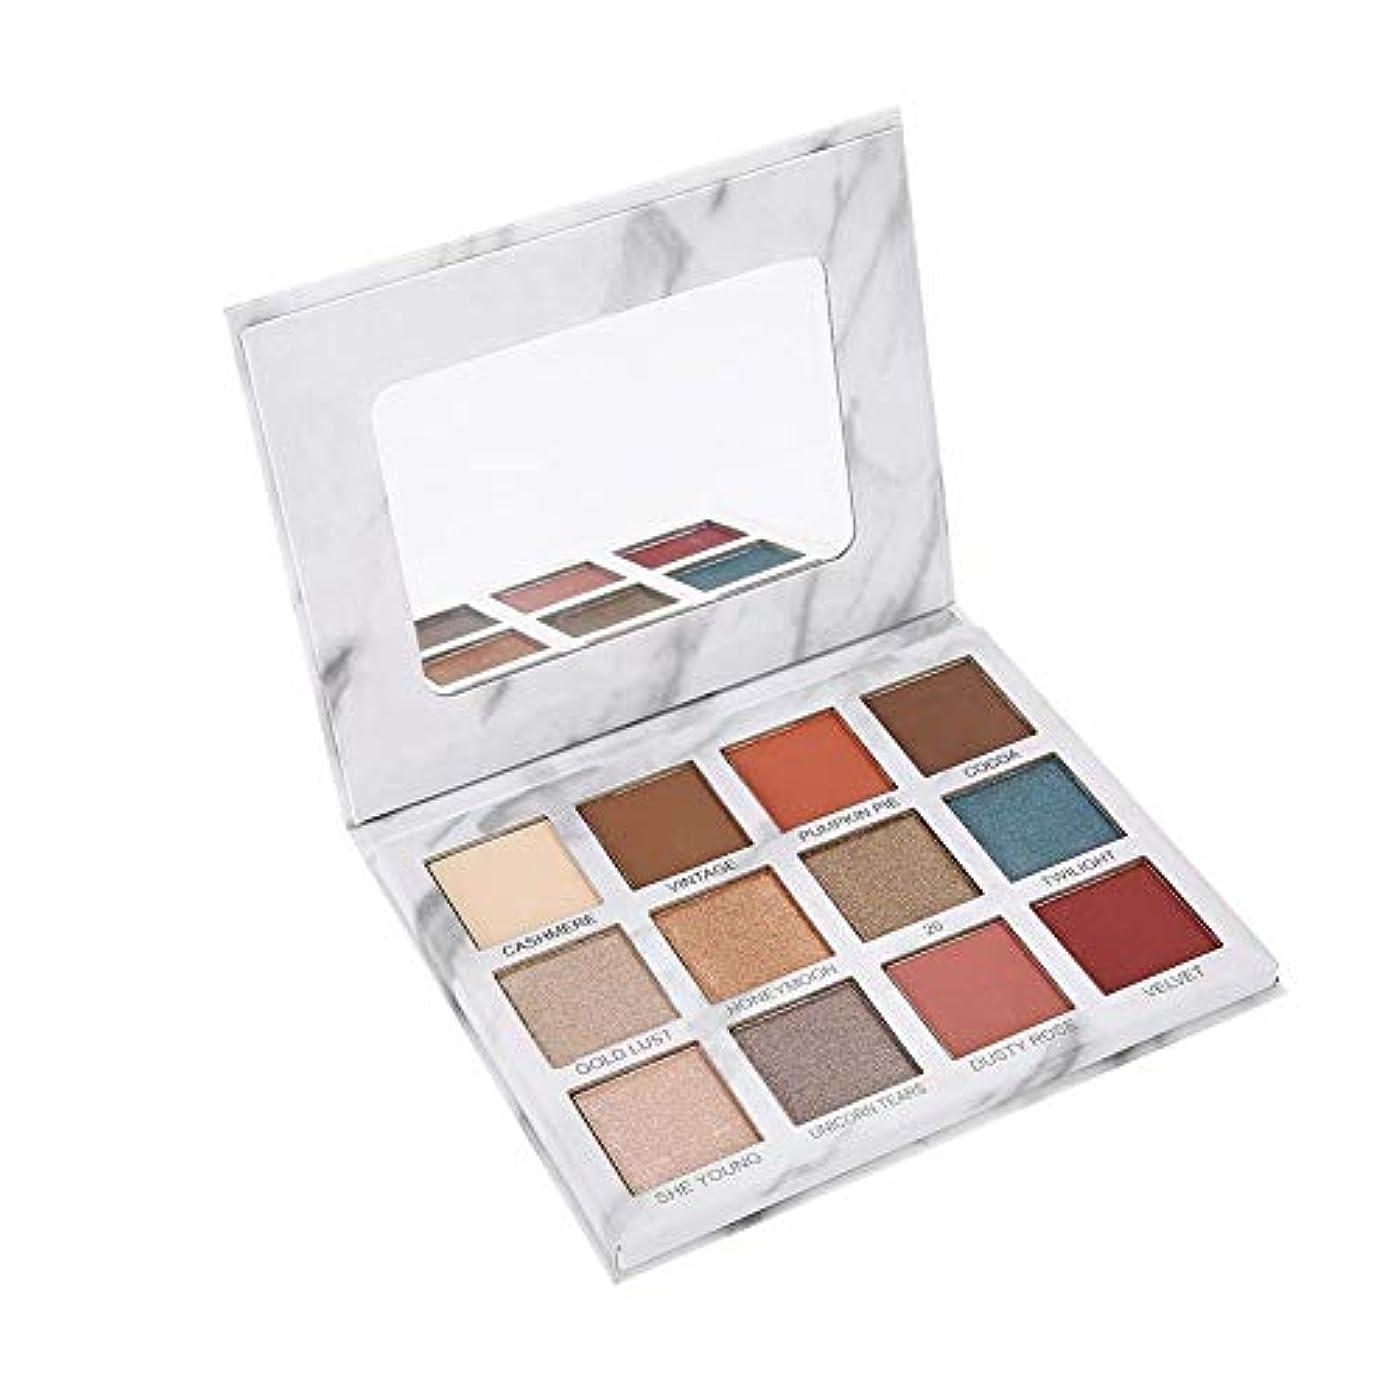 12色アイシャドウパレット大理石マットグリッターパウダーアイメイク化粧品ツール